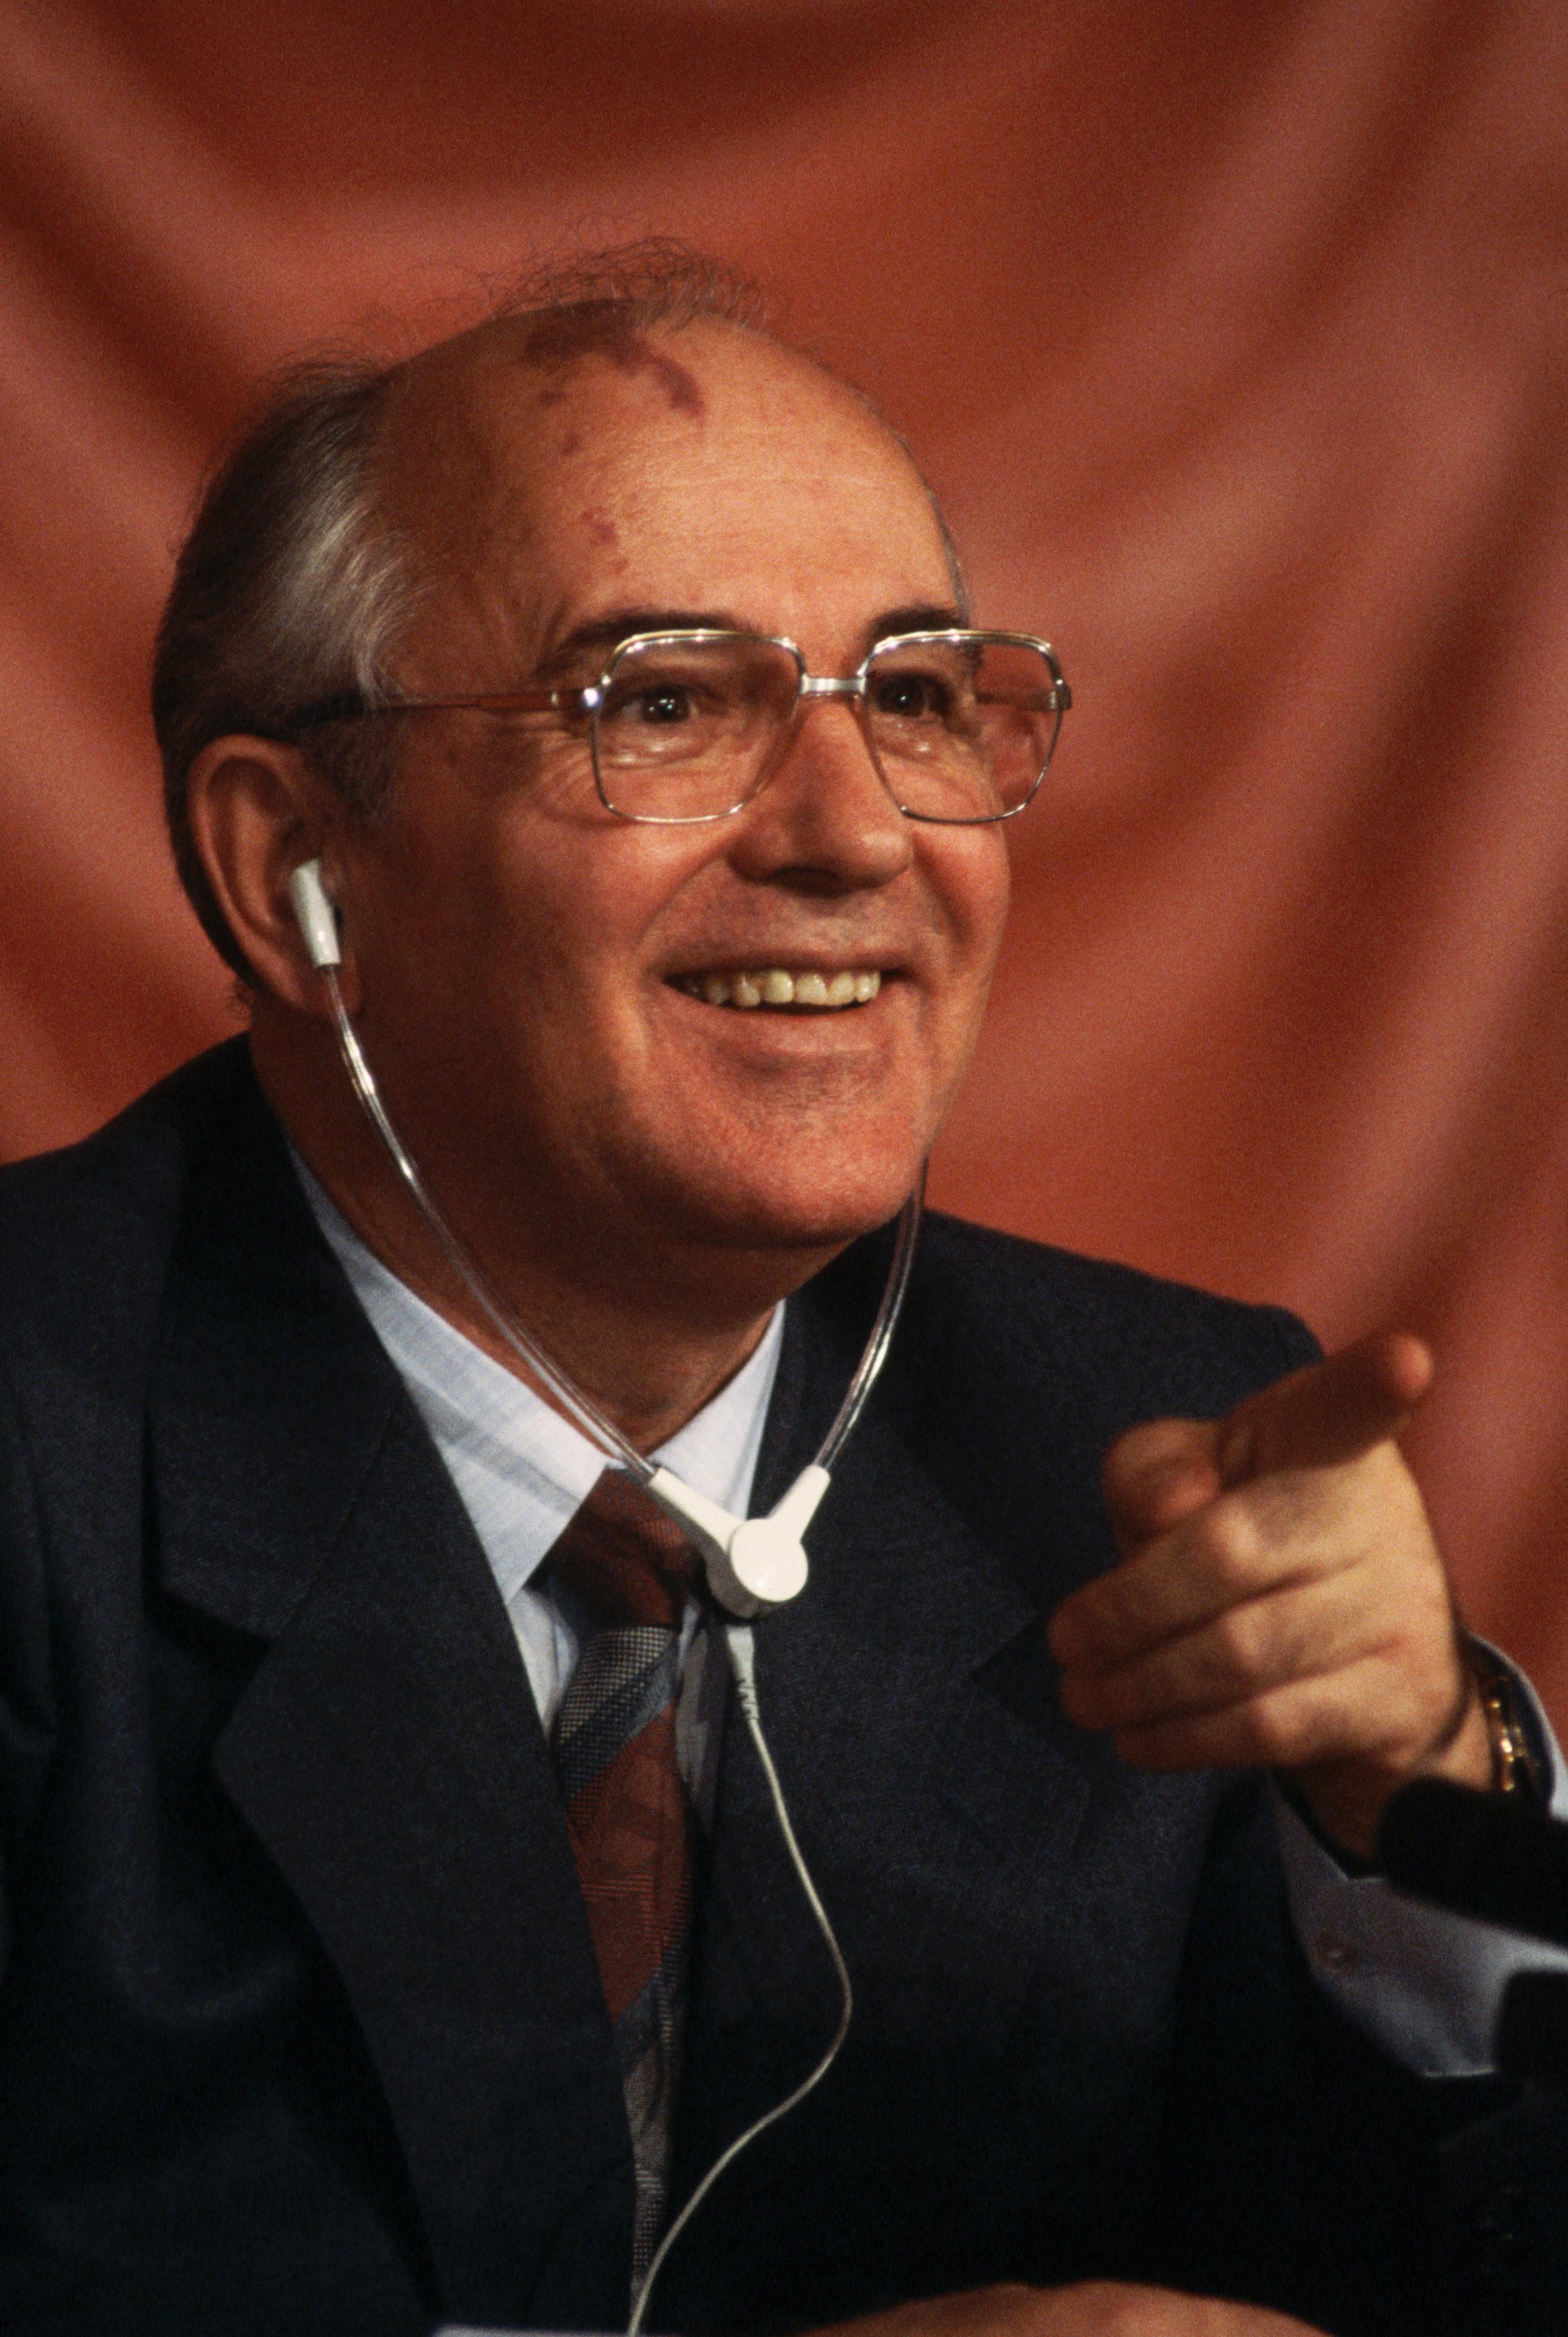 Фото Михаила Горбачёва с радостным, довольным выражением лица